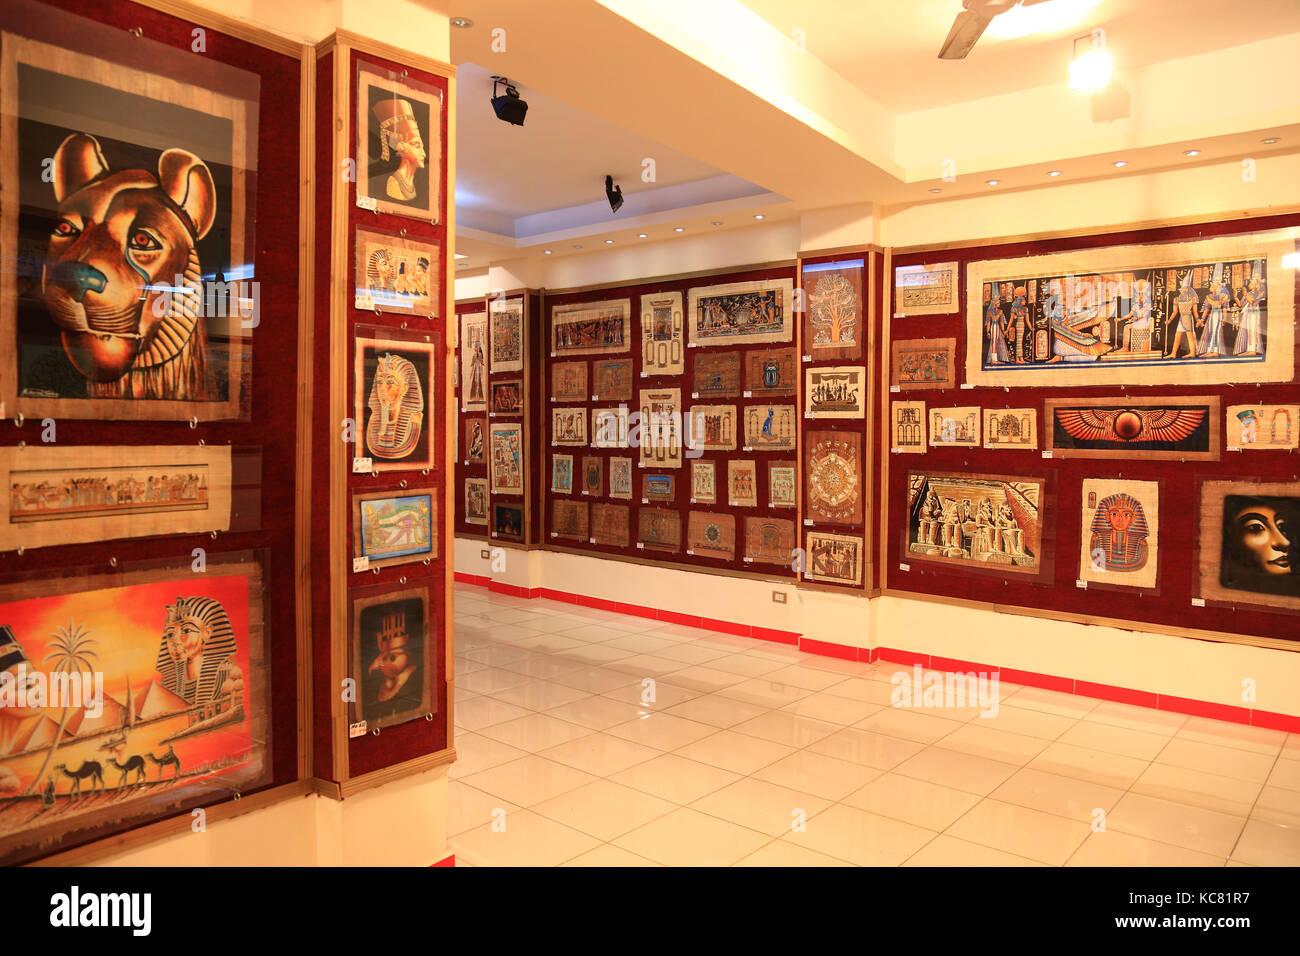 Luxor Egypt Souvenirs Stock Photos Amp Luxor Egypt Souvenirs Stock Images Alamy